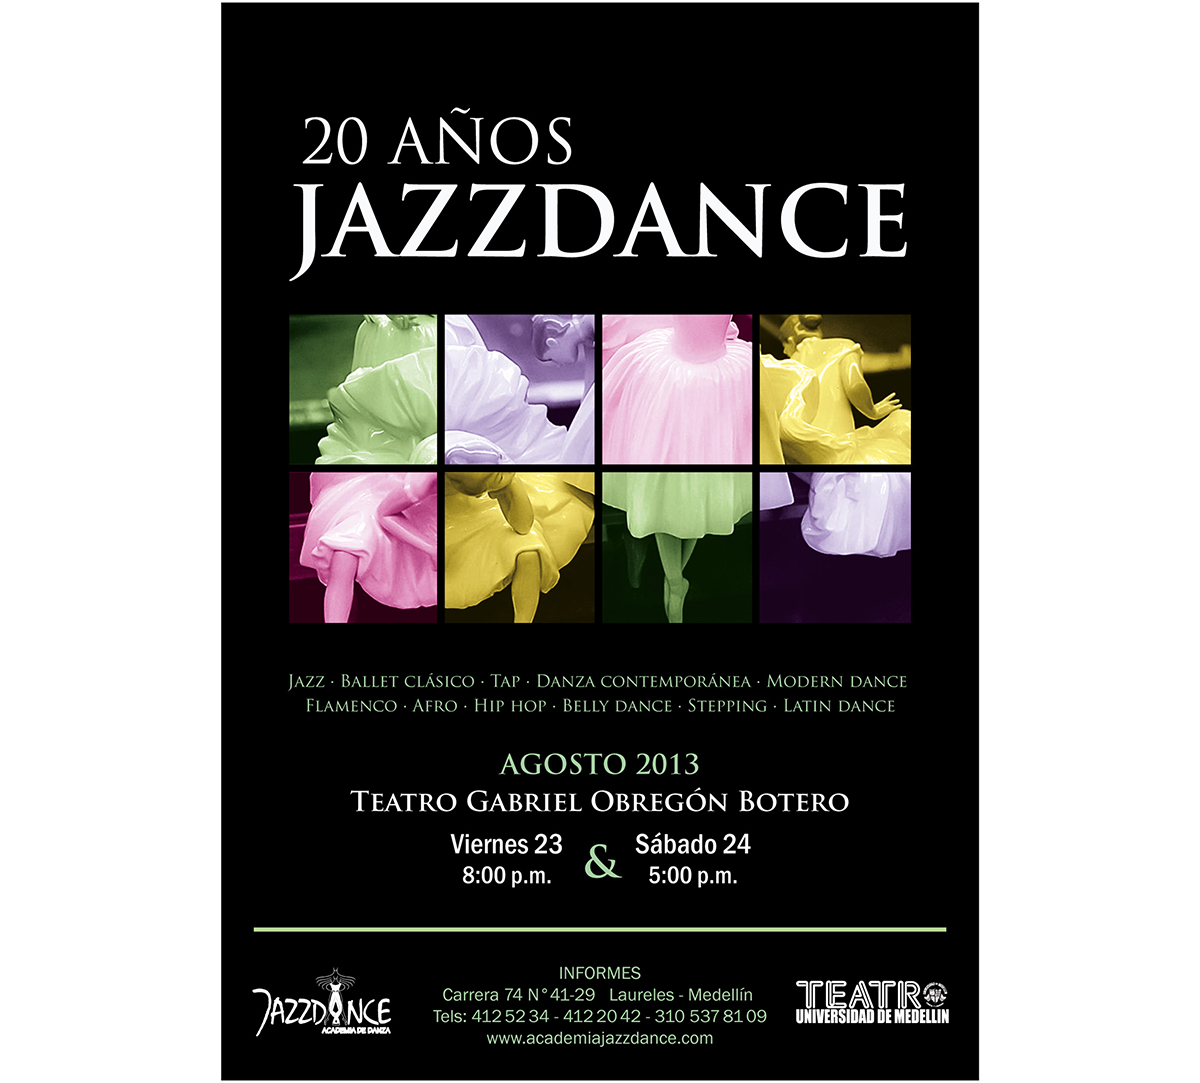 JAZZDANCE_afiche_2013